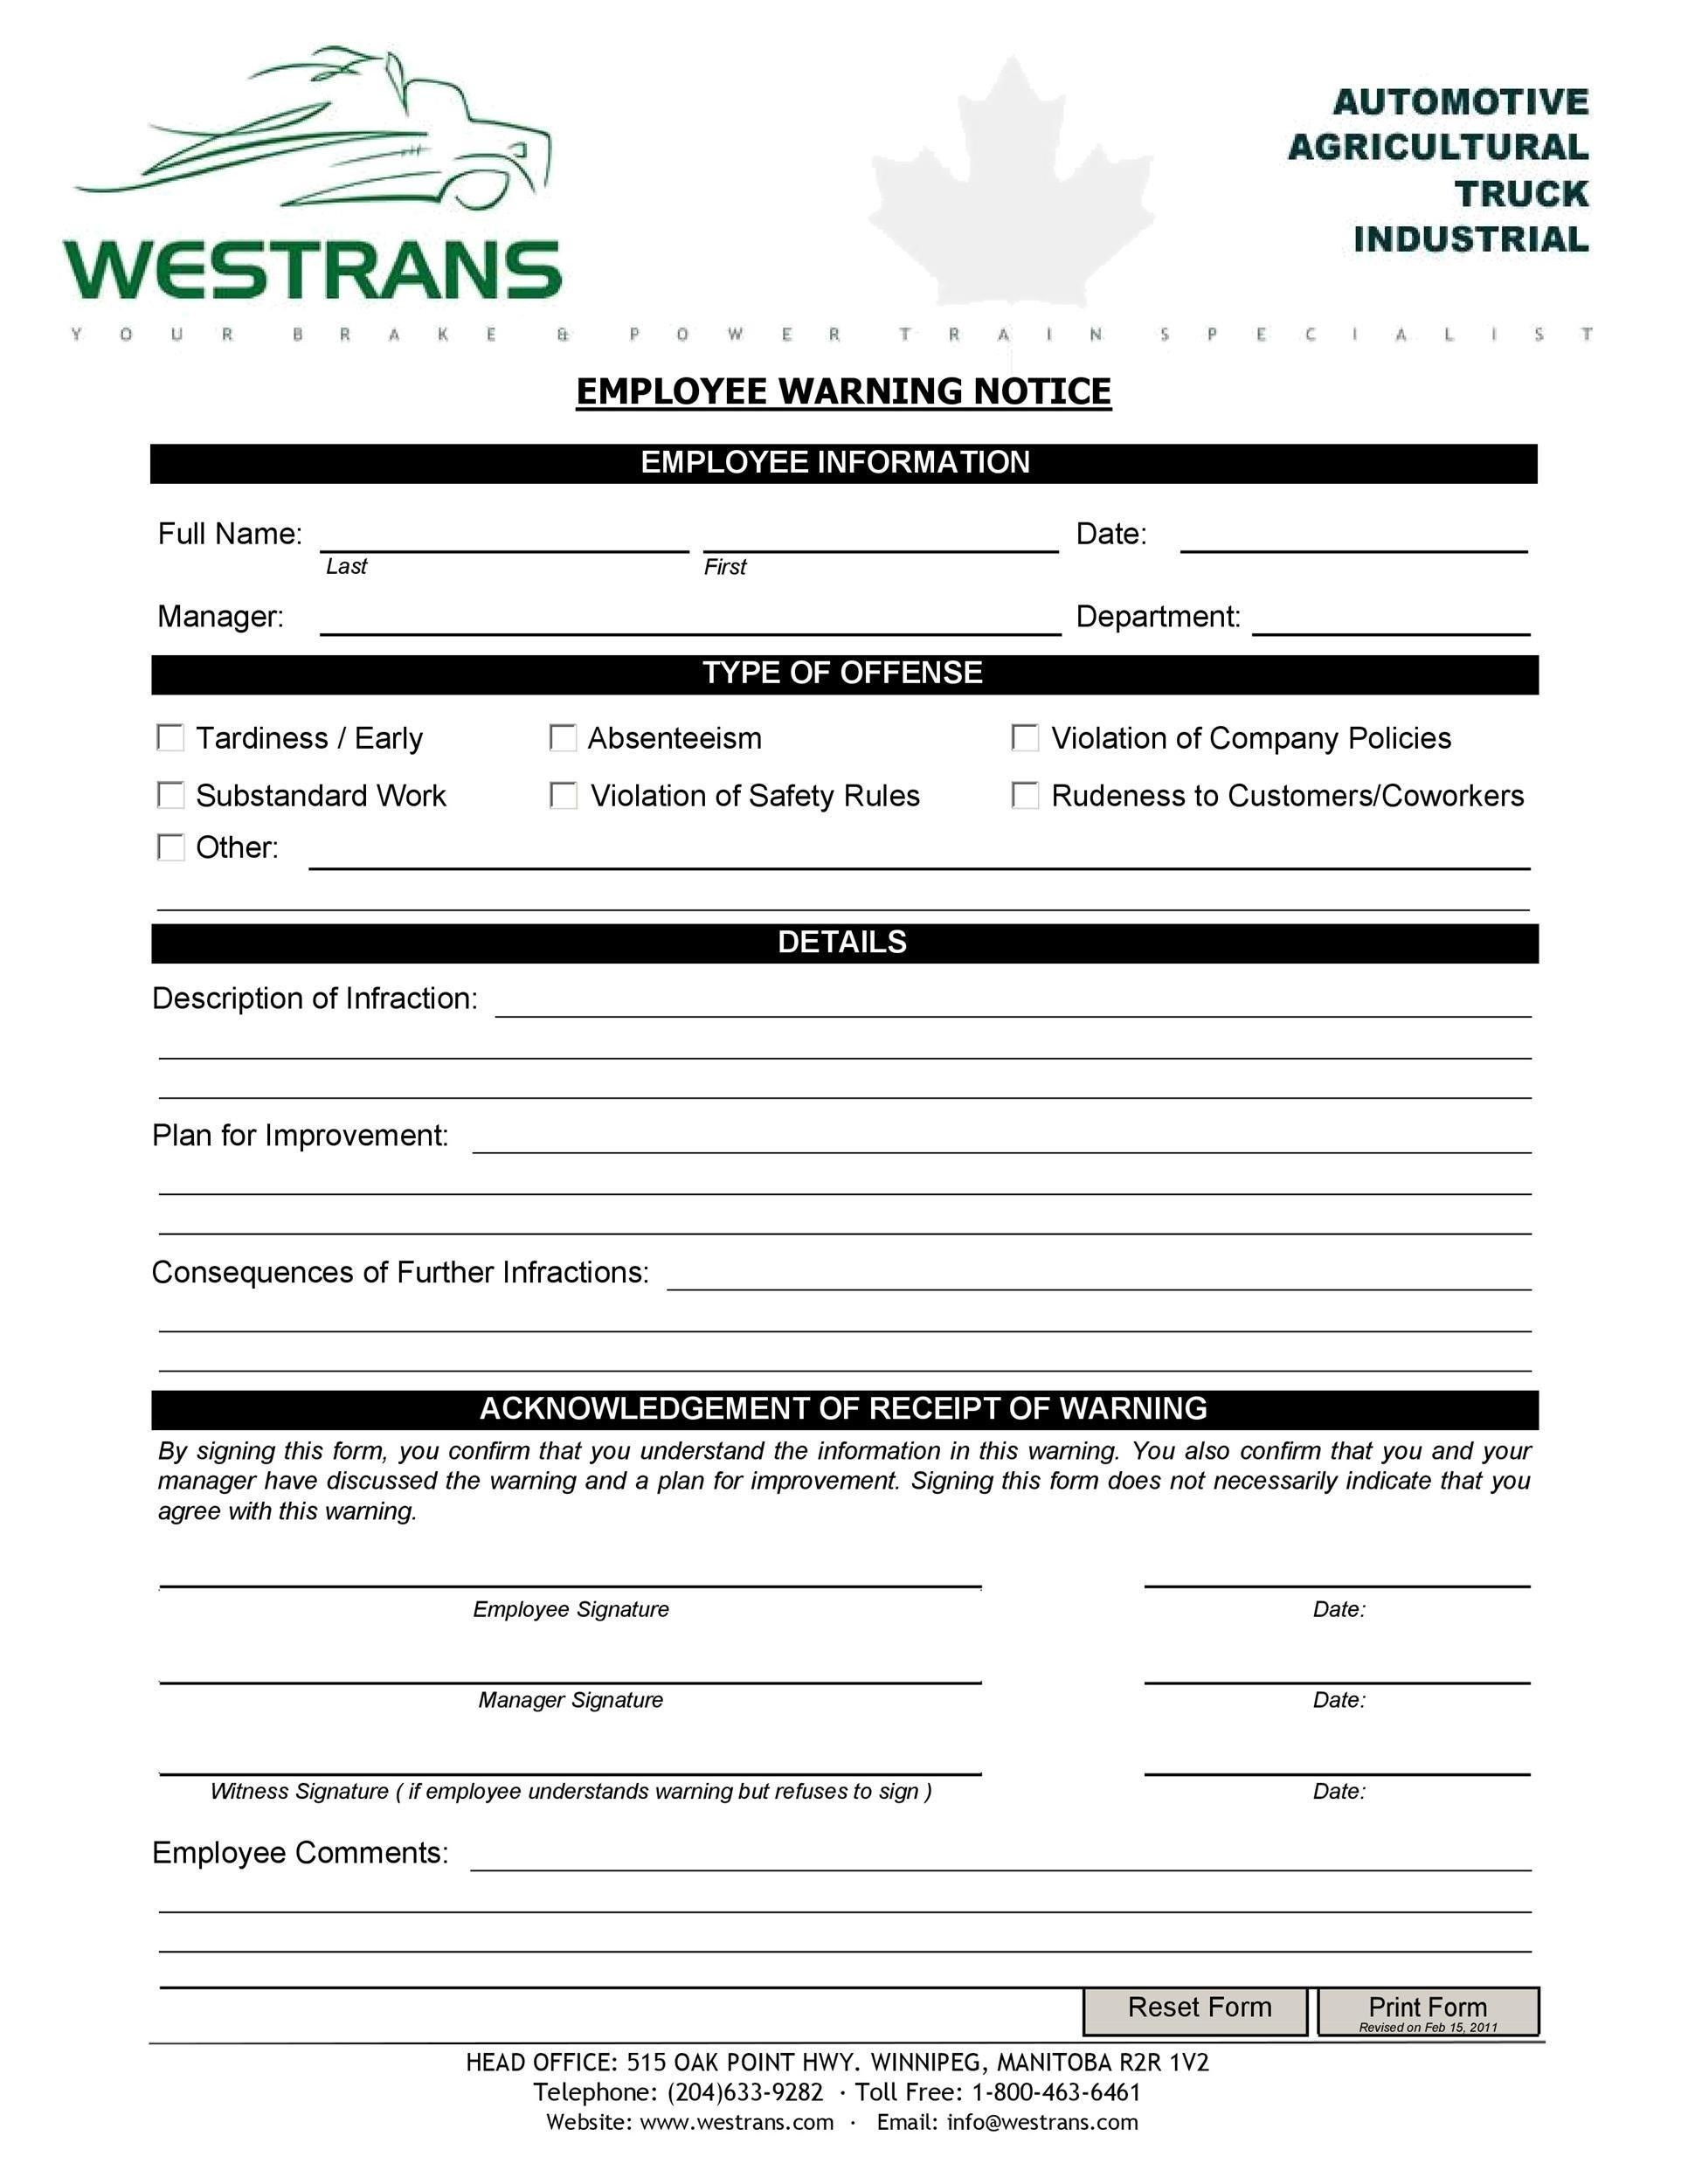 Free employee warning notice 50